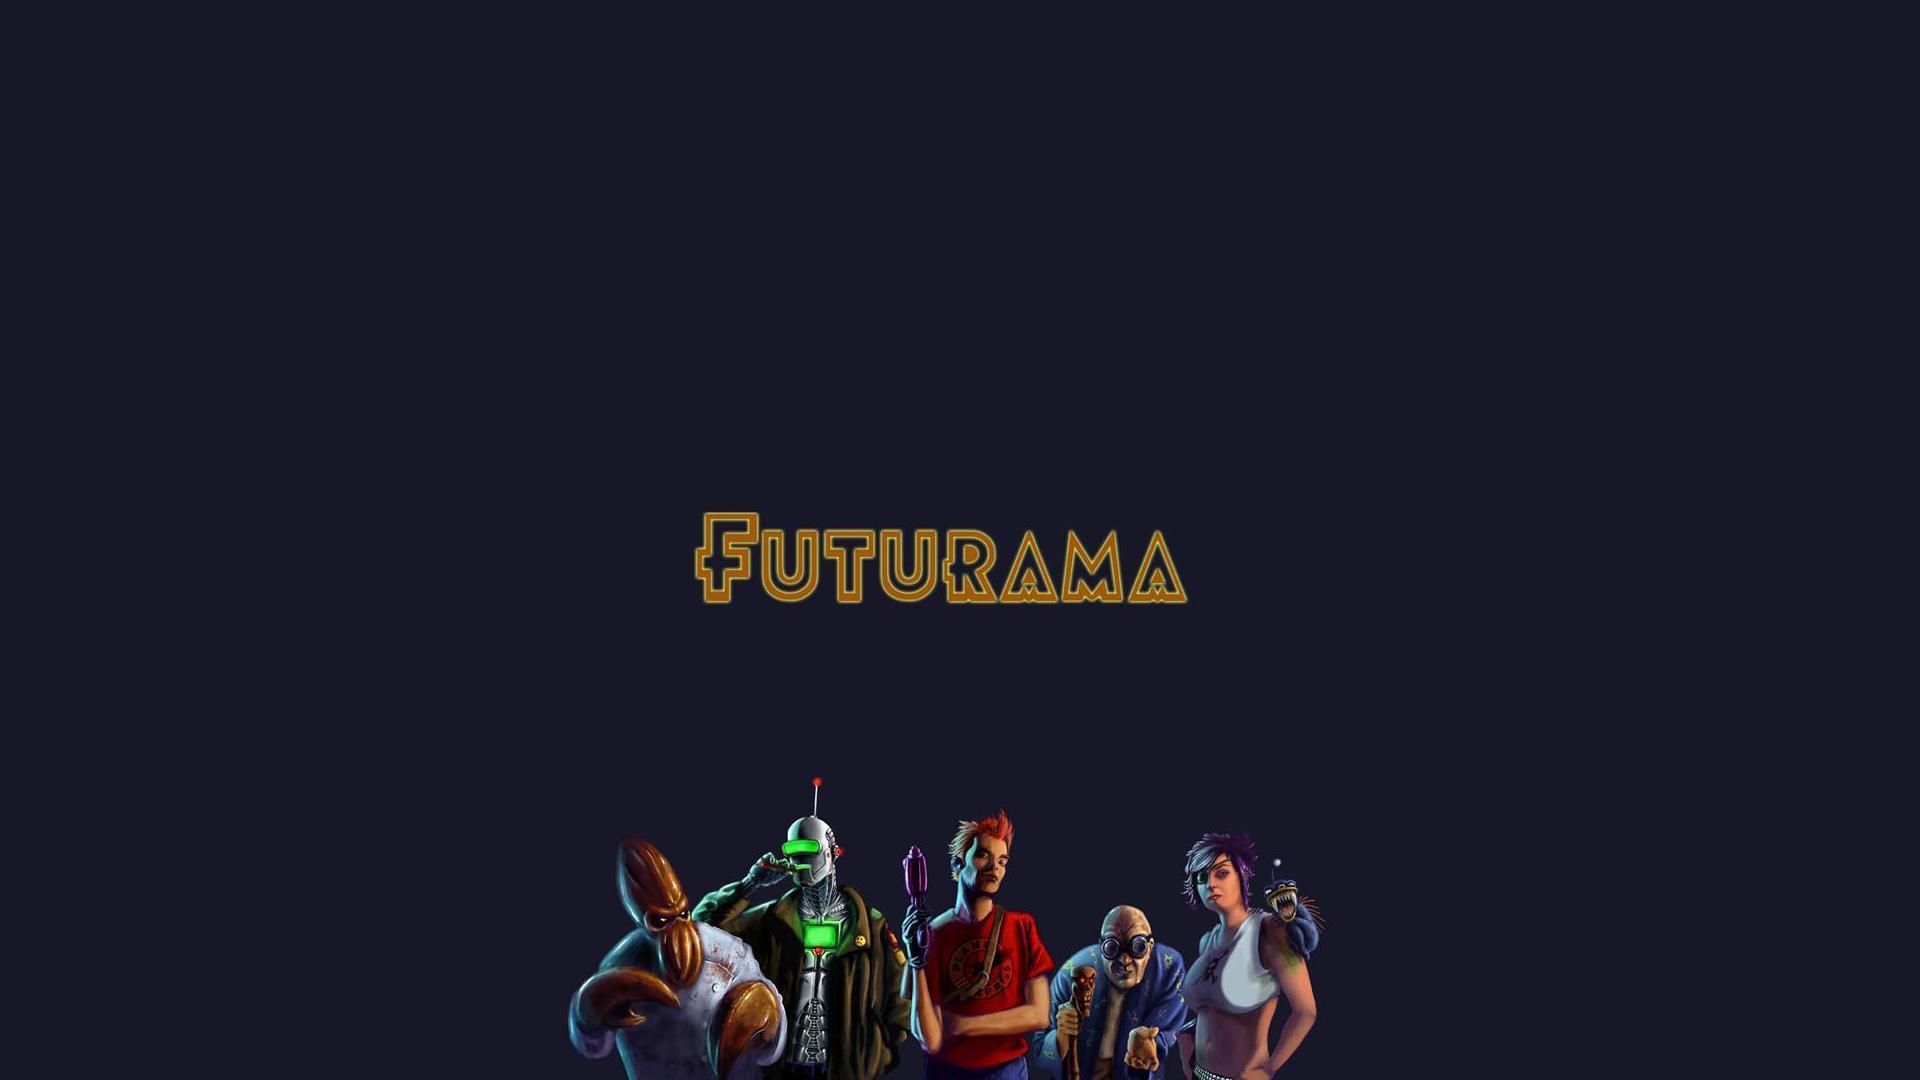 TV Show - Futurama  Wallpaper